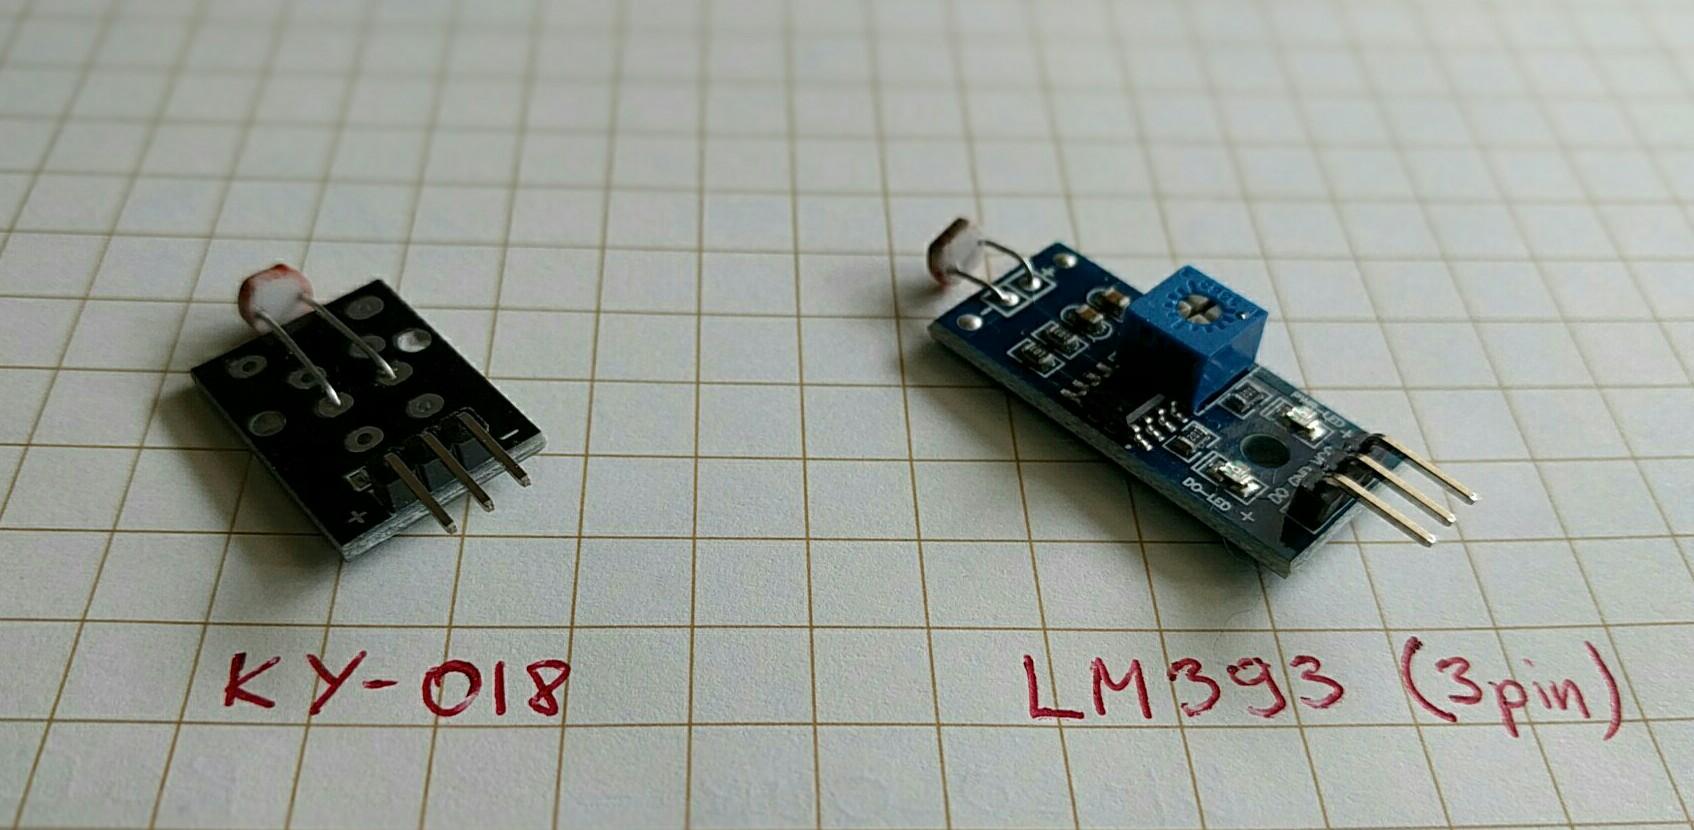 Licht Diode Sensor Modul digital LM393 3,3-5V KY-018 ESP32 ESP8266 Arduino